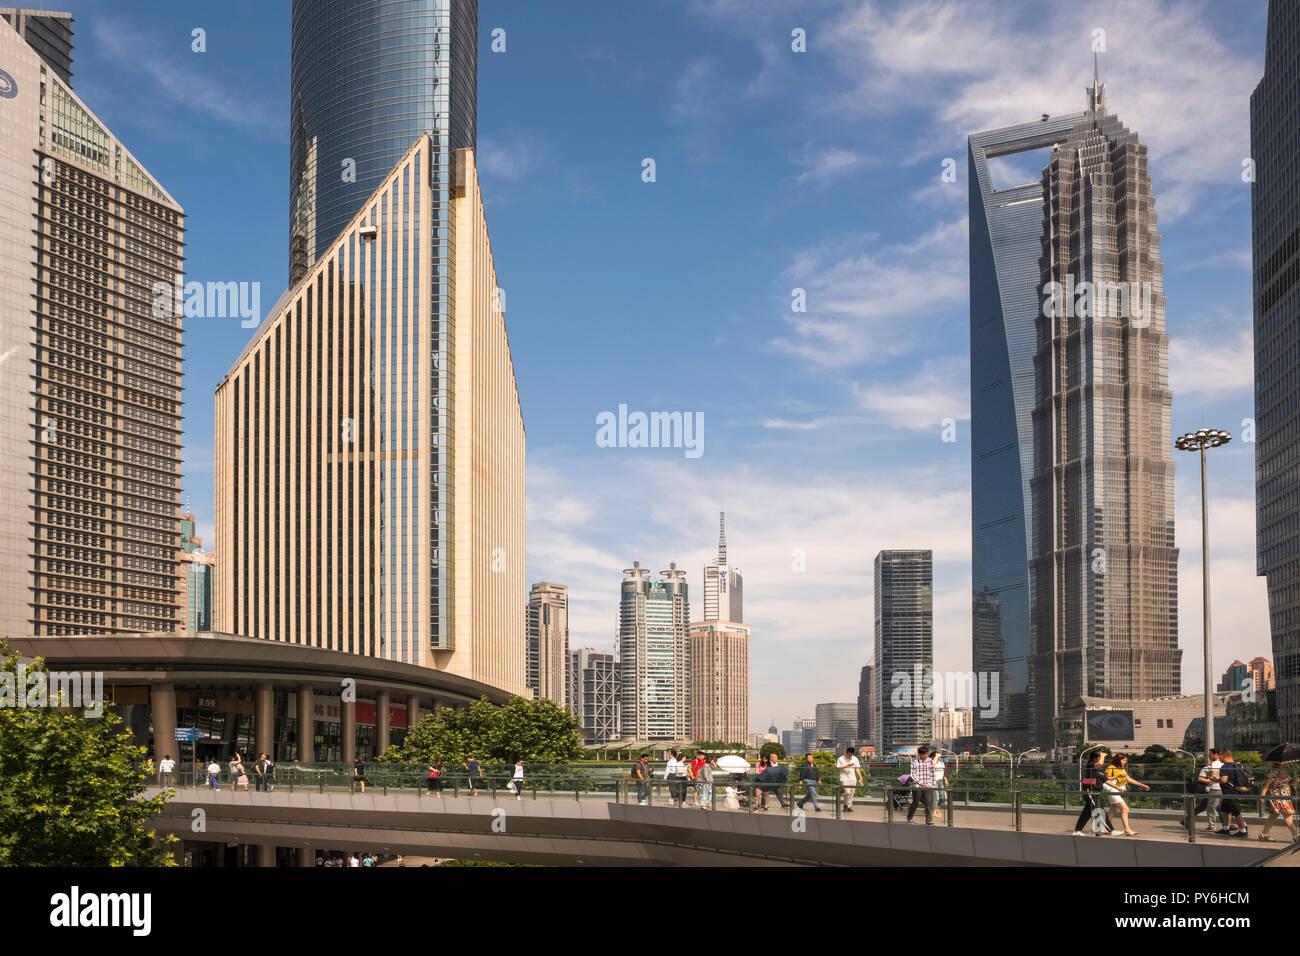 De nouveaux bâtiments dans le quartier Pudong de Shanghai, Chine, Asie Photo Stock